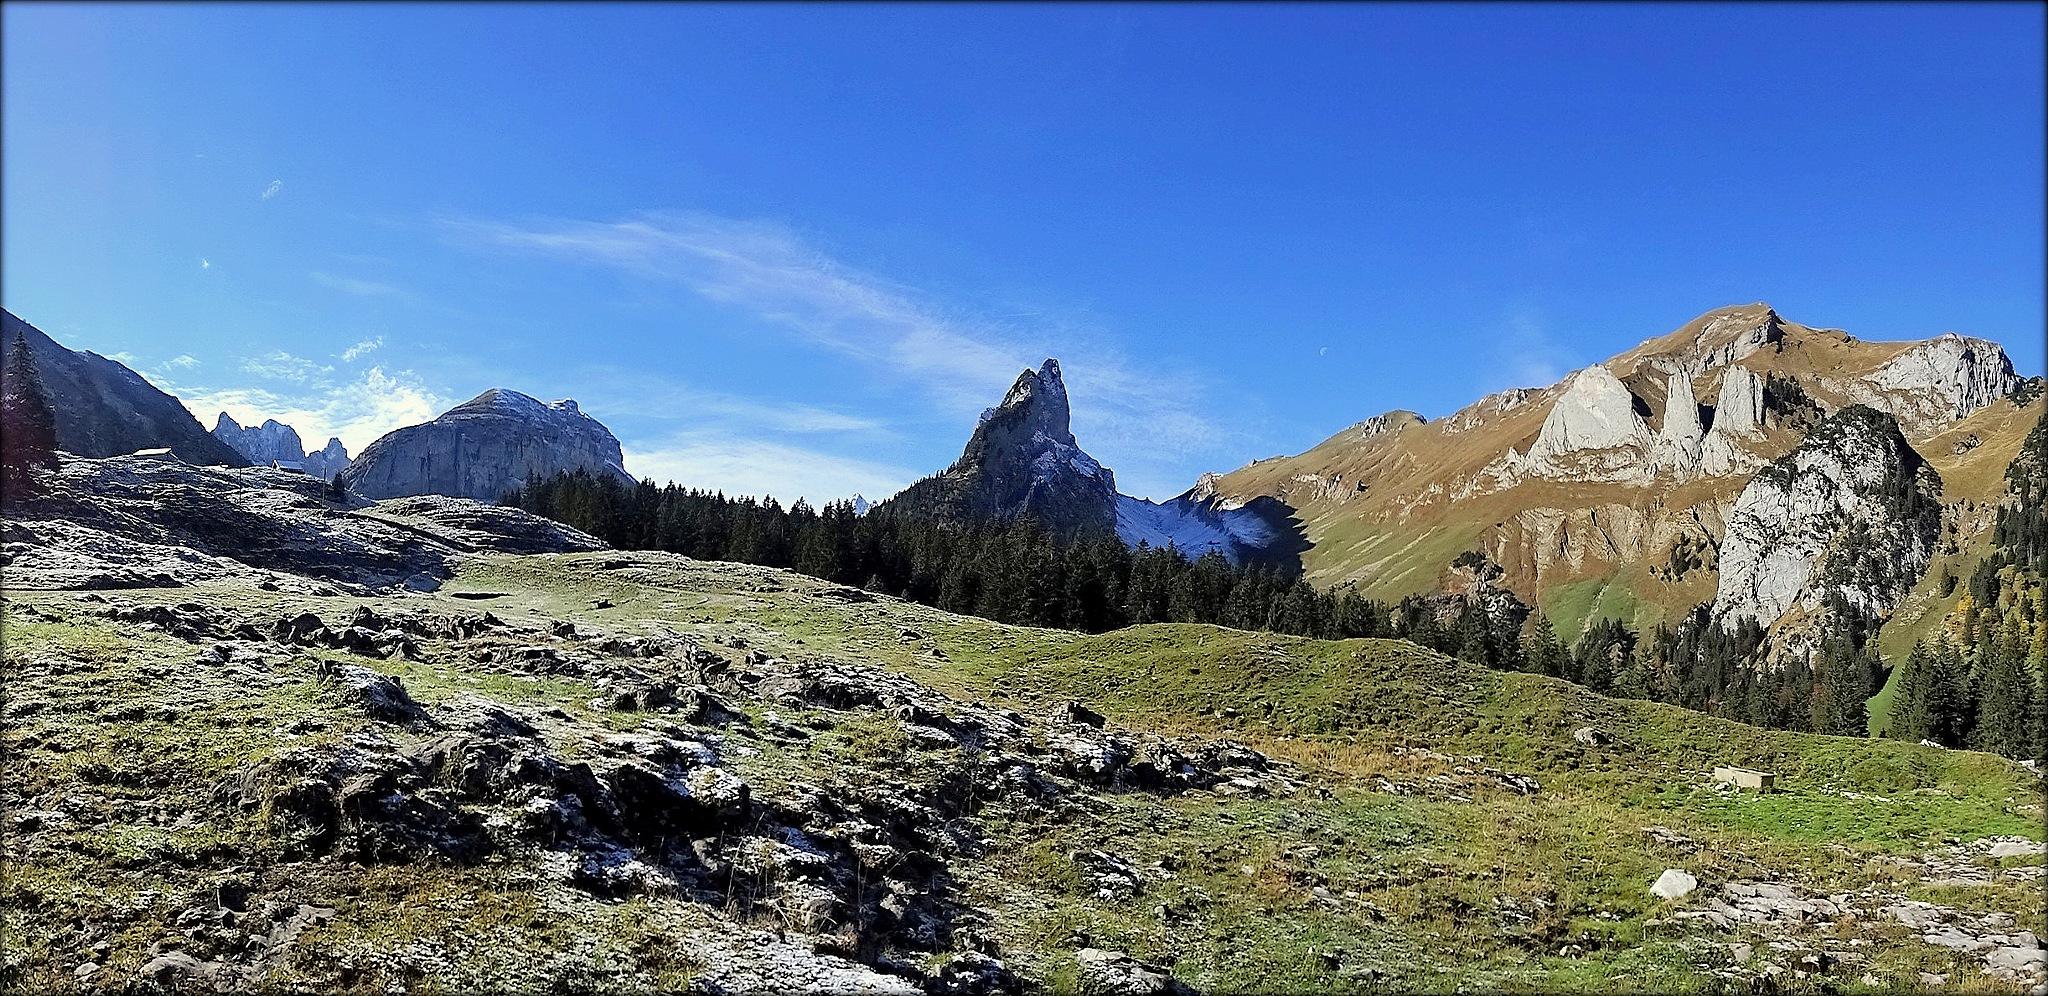 """""""alpstein landscape"""" by BauerStefan"""